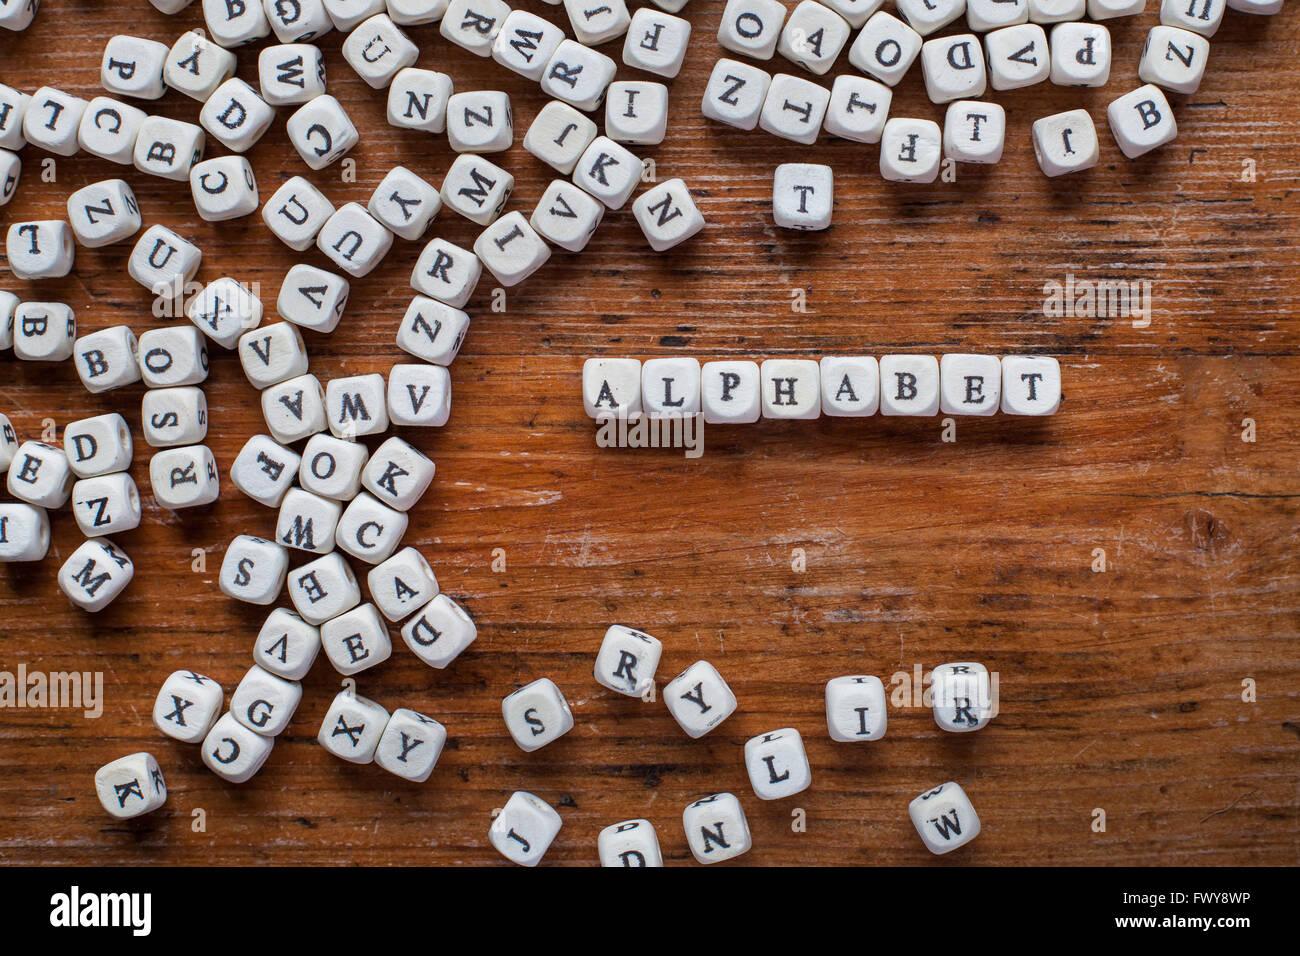 Concetto di alfabeto, la parola scritta con lettere in legno, bianco inglese il testo su sfondo scuro, ABC Immagini Stock